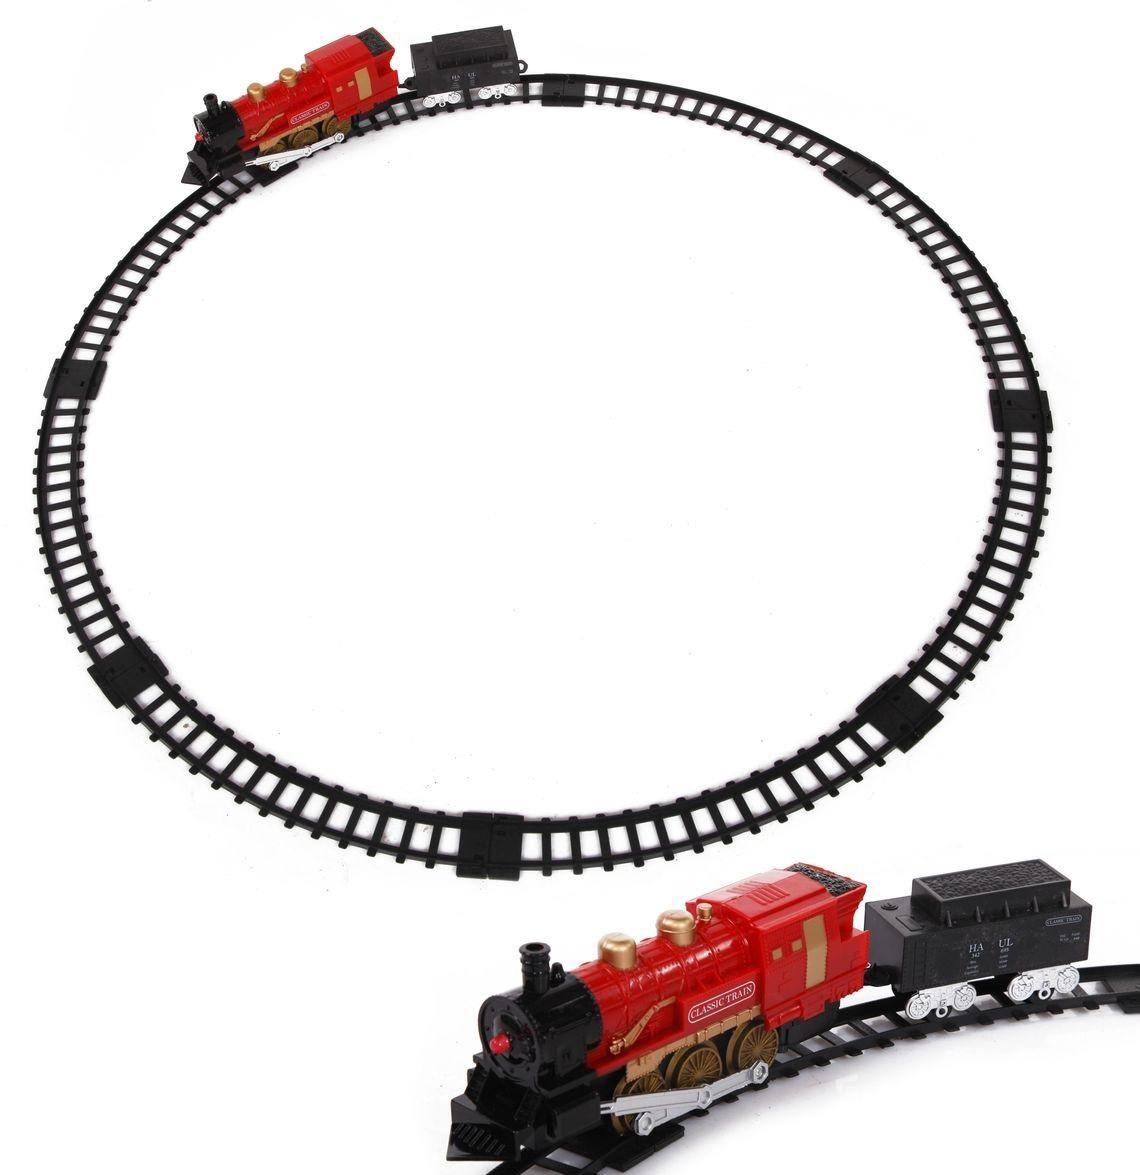 Железная дорога со световыми эффектами и дымом – Classic train - Детская железная дорога, артикул: 161454